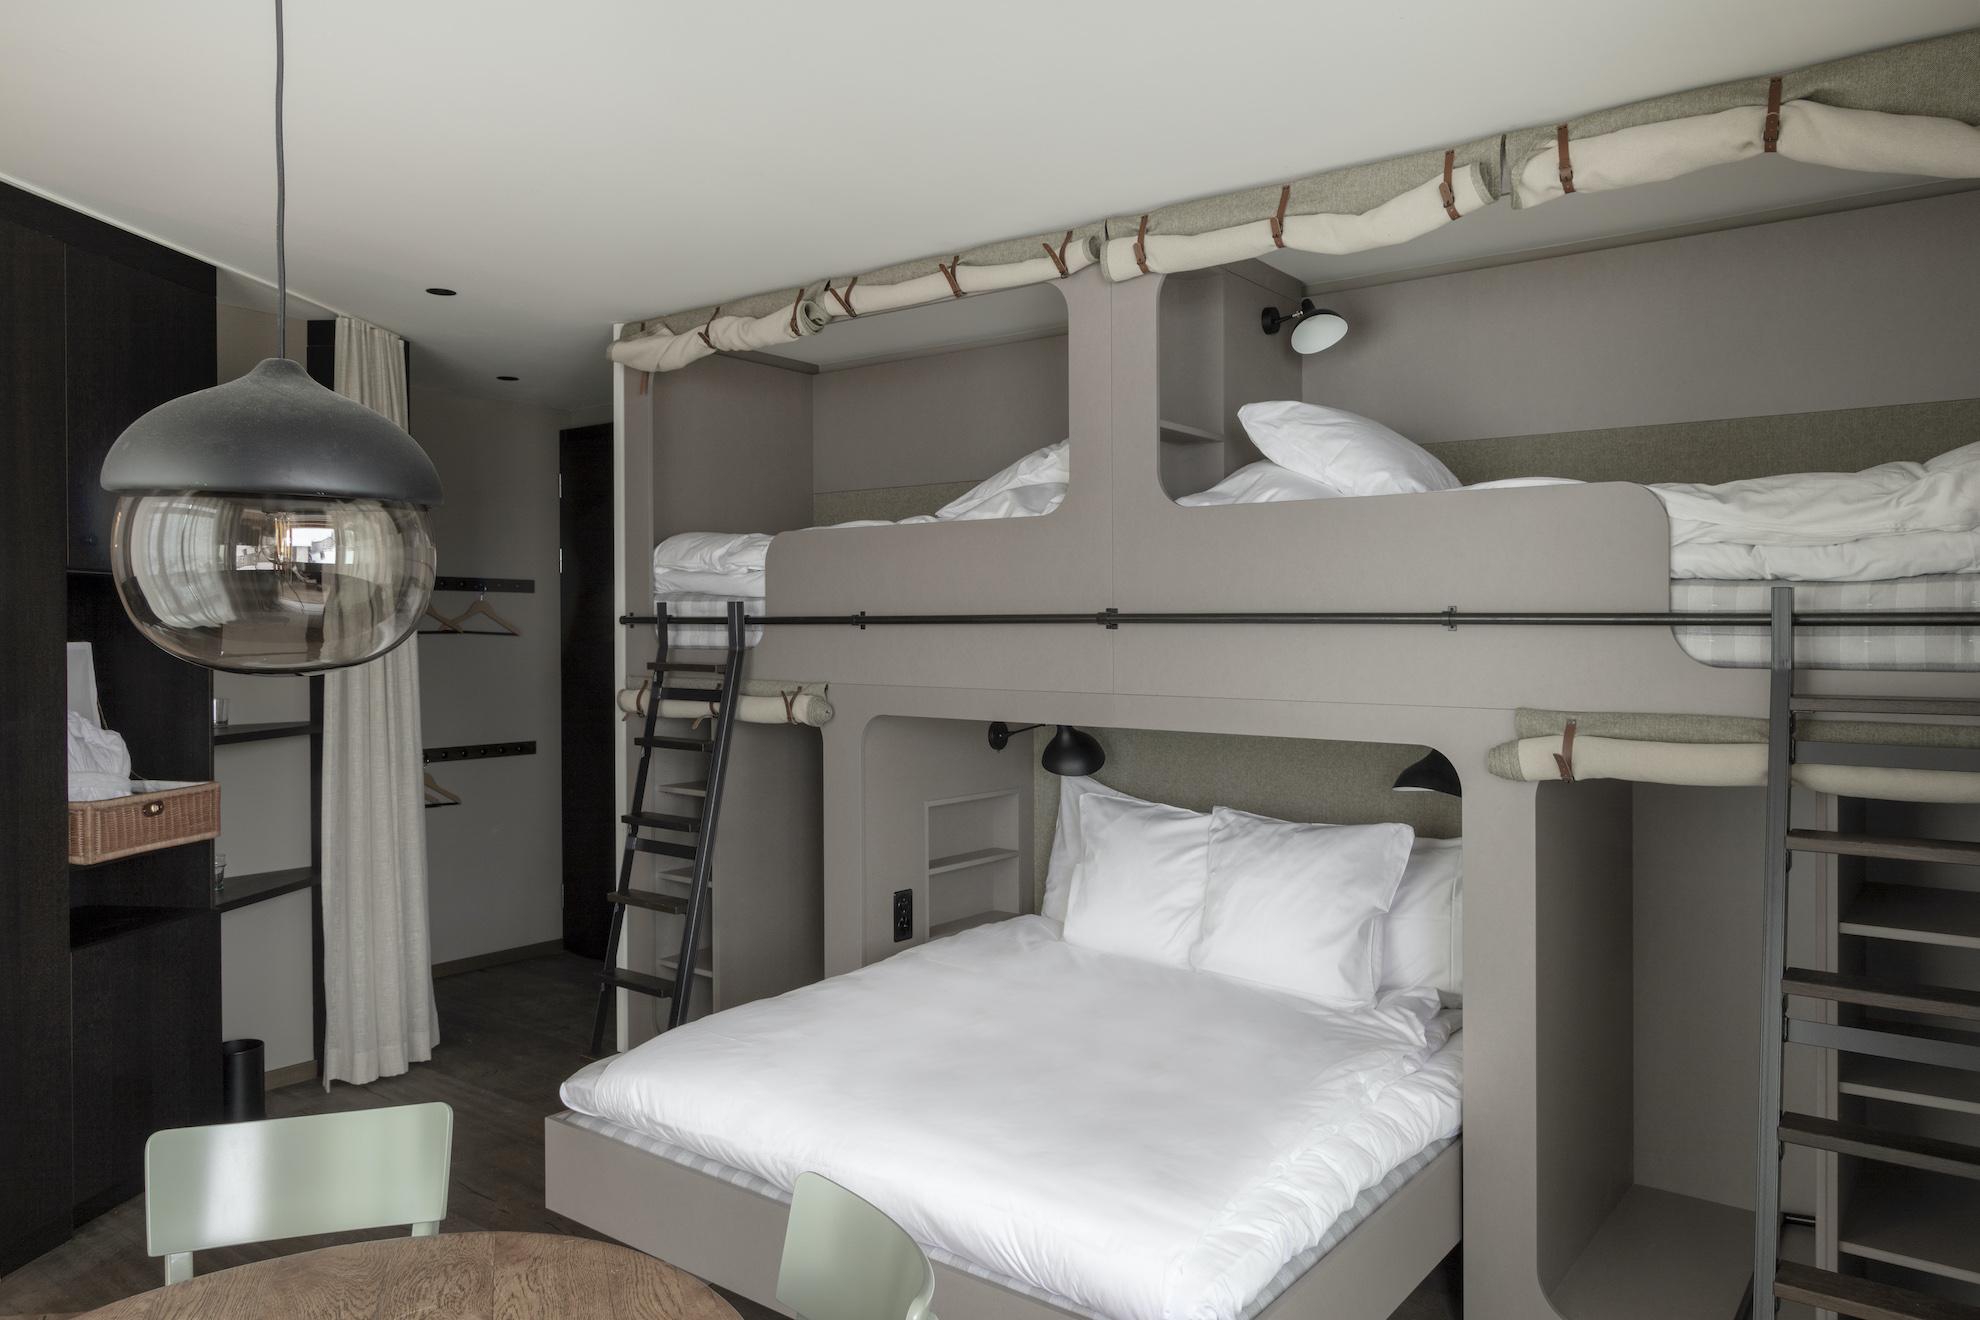 Chambre avec lit king size et lits superposés